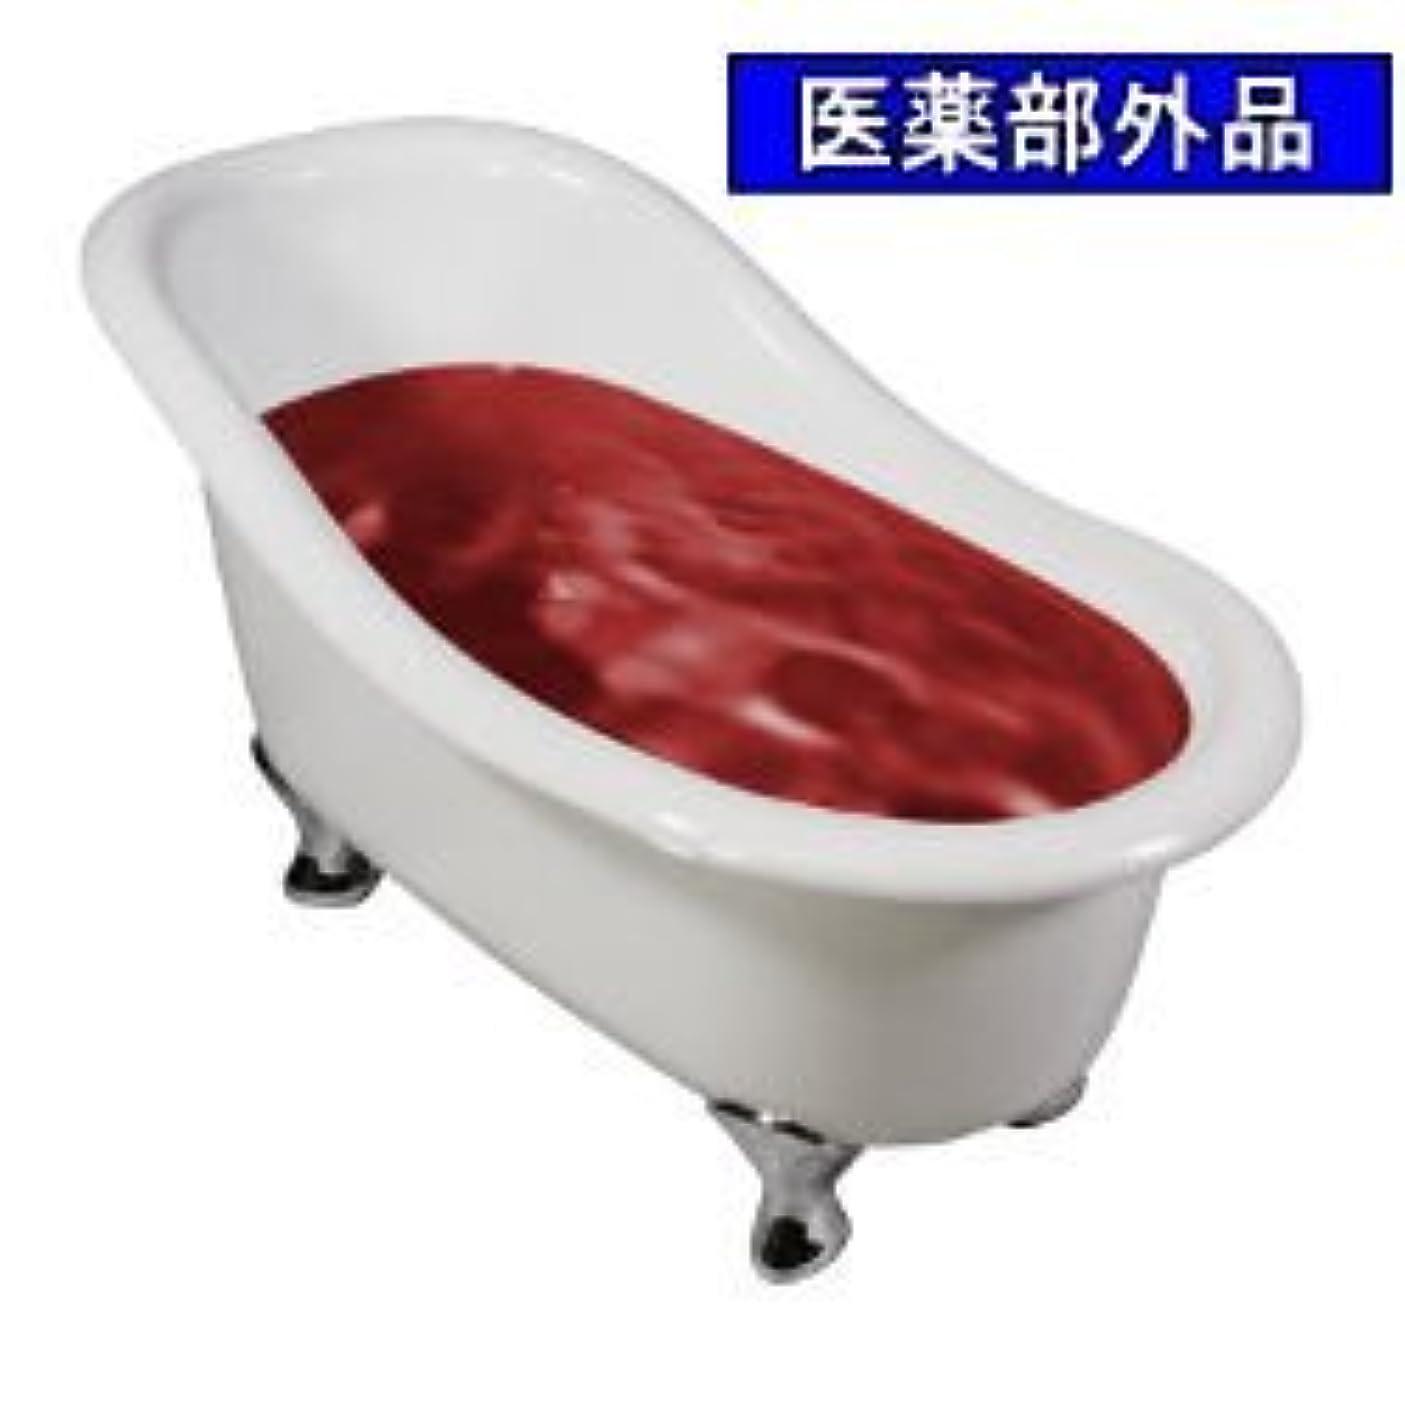 活気づく批判的シンジケート業務用薬用入浴剤バスフレンド 禄寿湯 17kg 医薬部外品